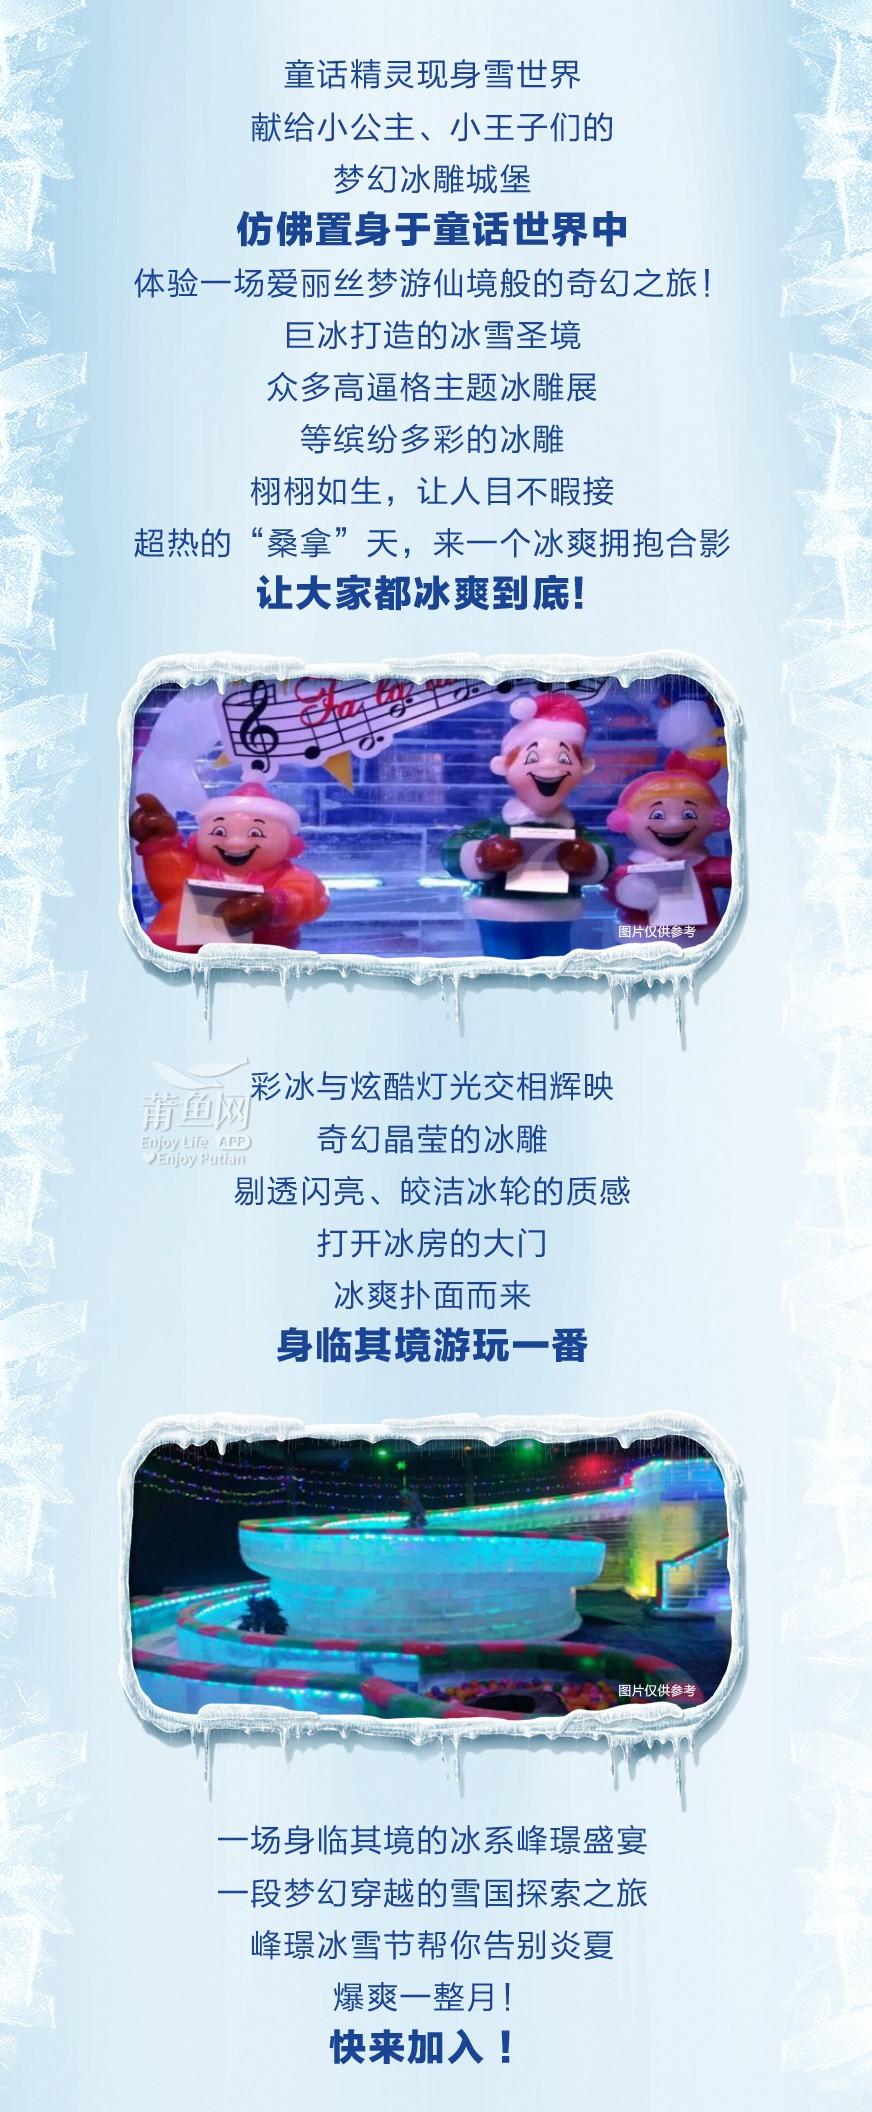 20190618-冰雪节转发3-微信拉页_01_02.jpg